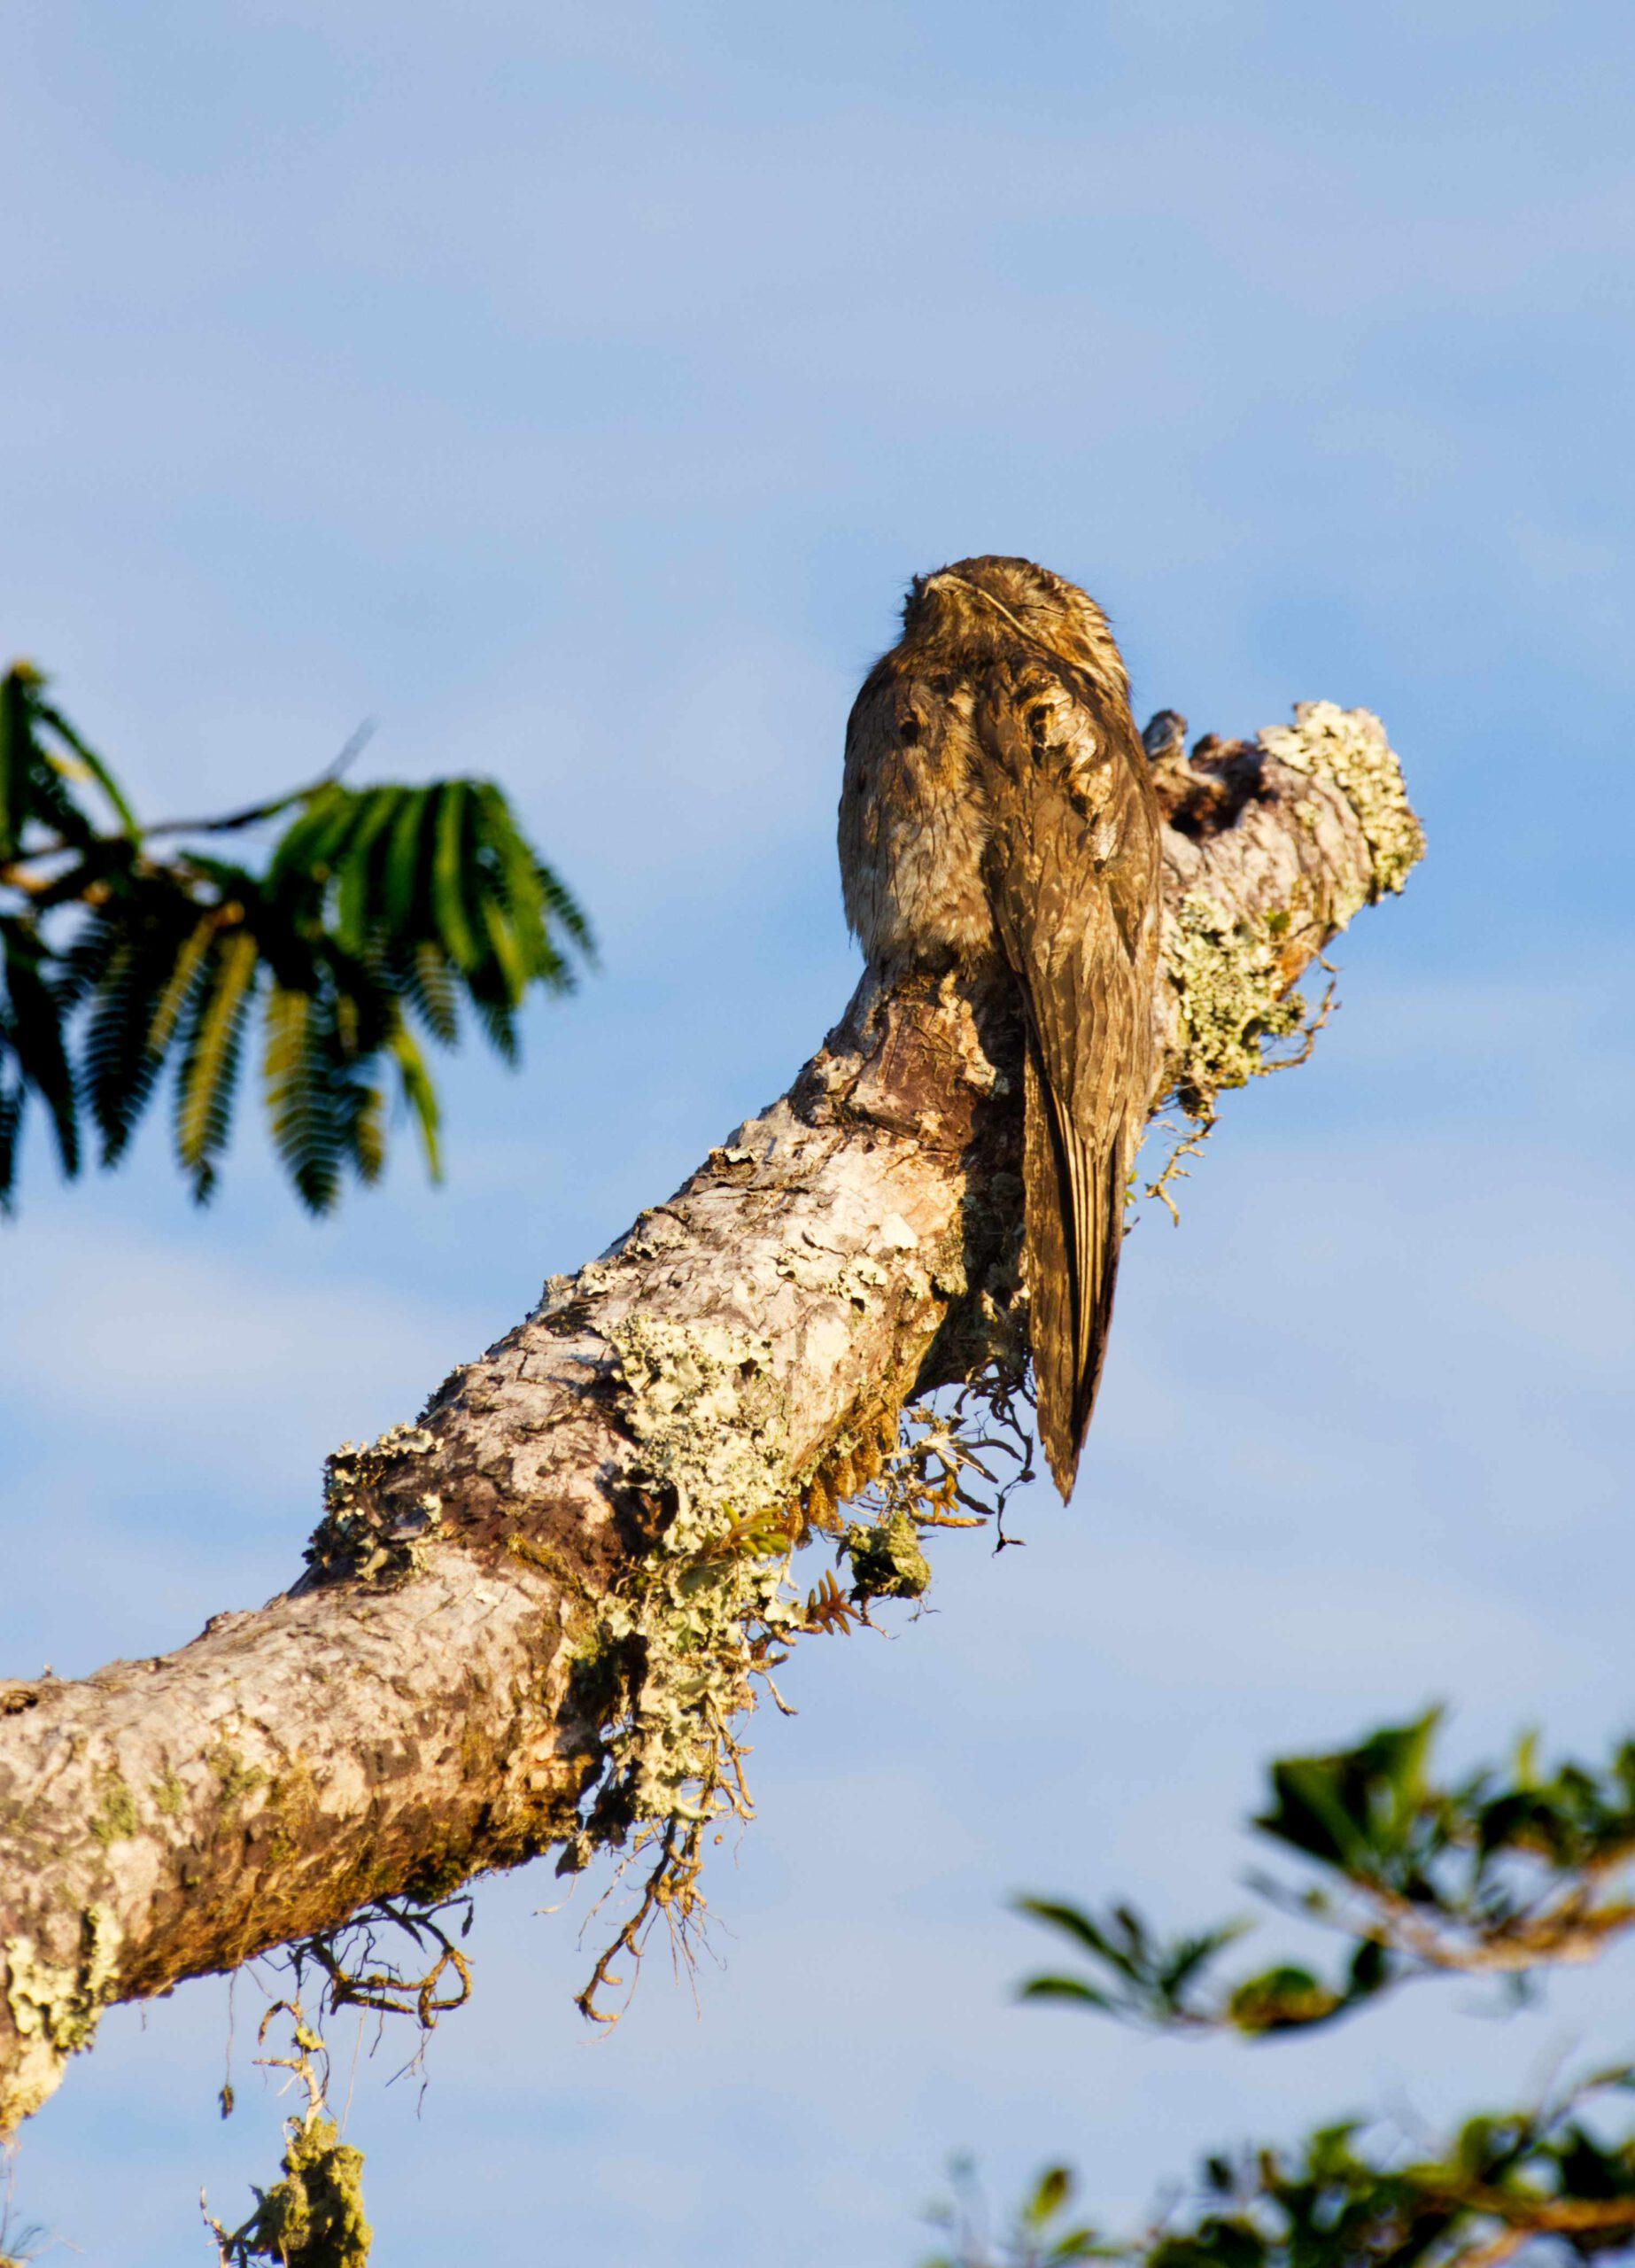 Lifestyle Ecuador: Eine Eule in Ecuador, Cuyabeno Naturparadies